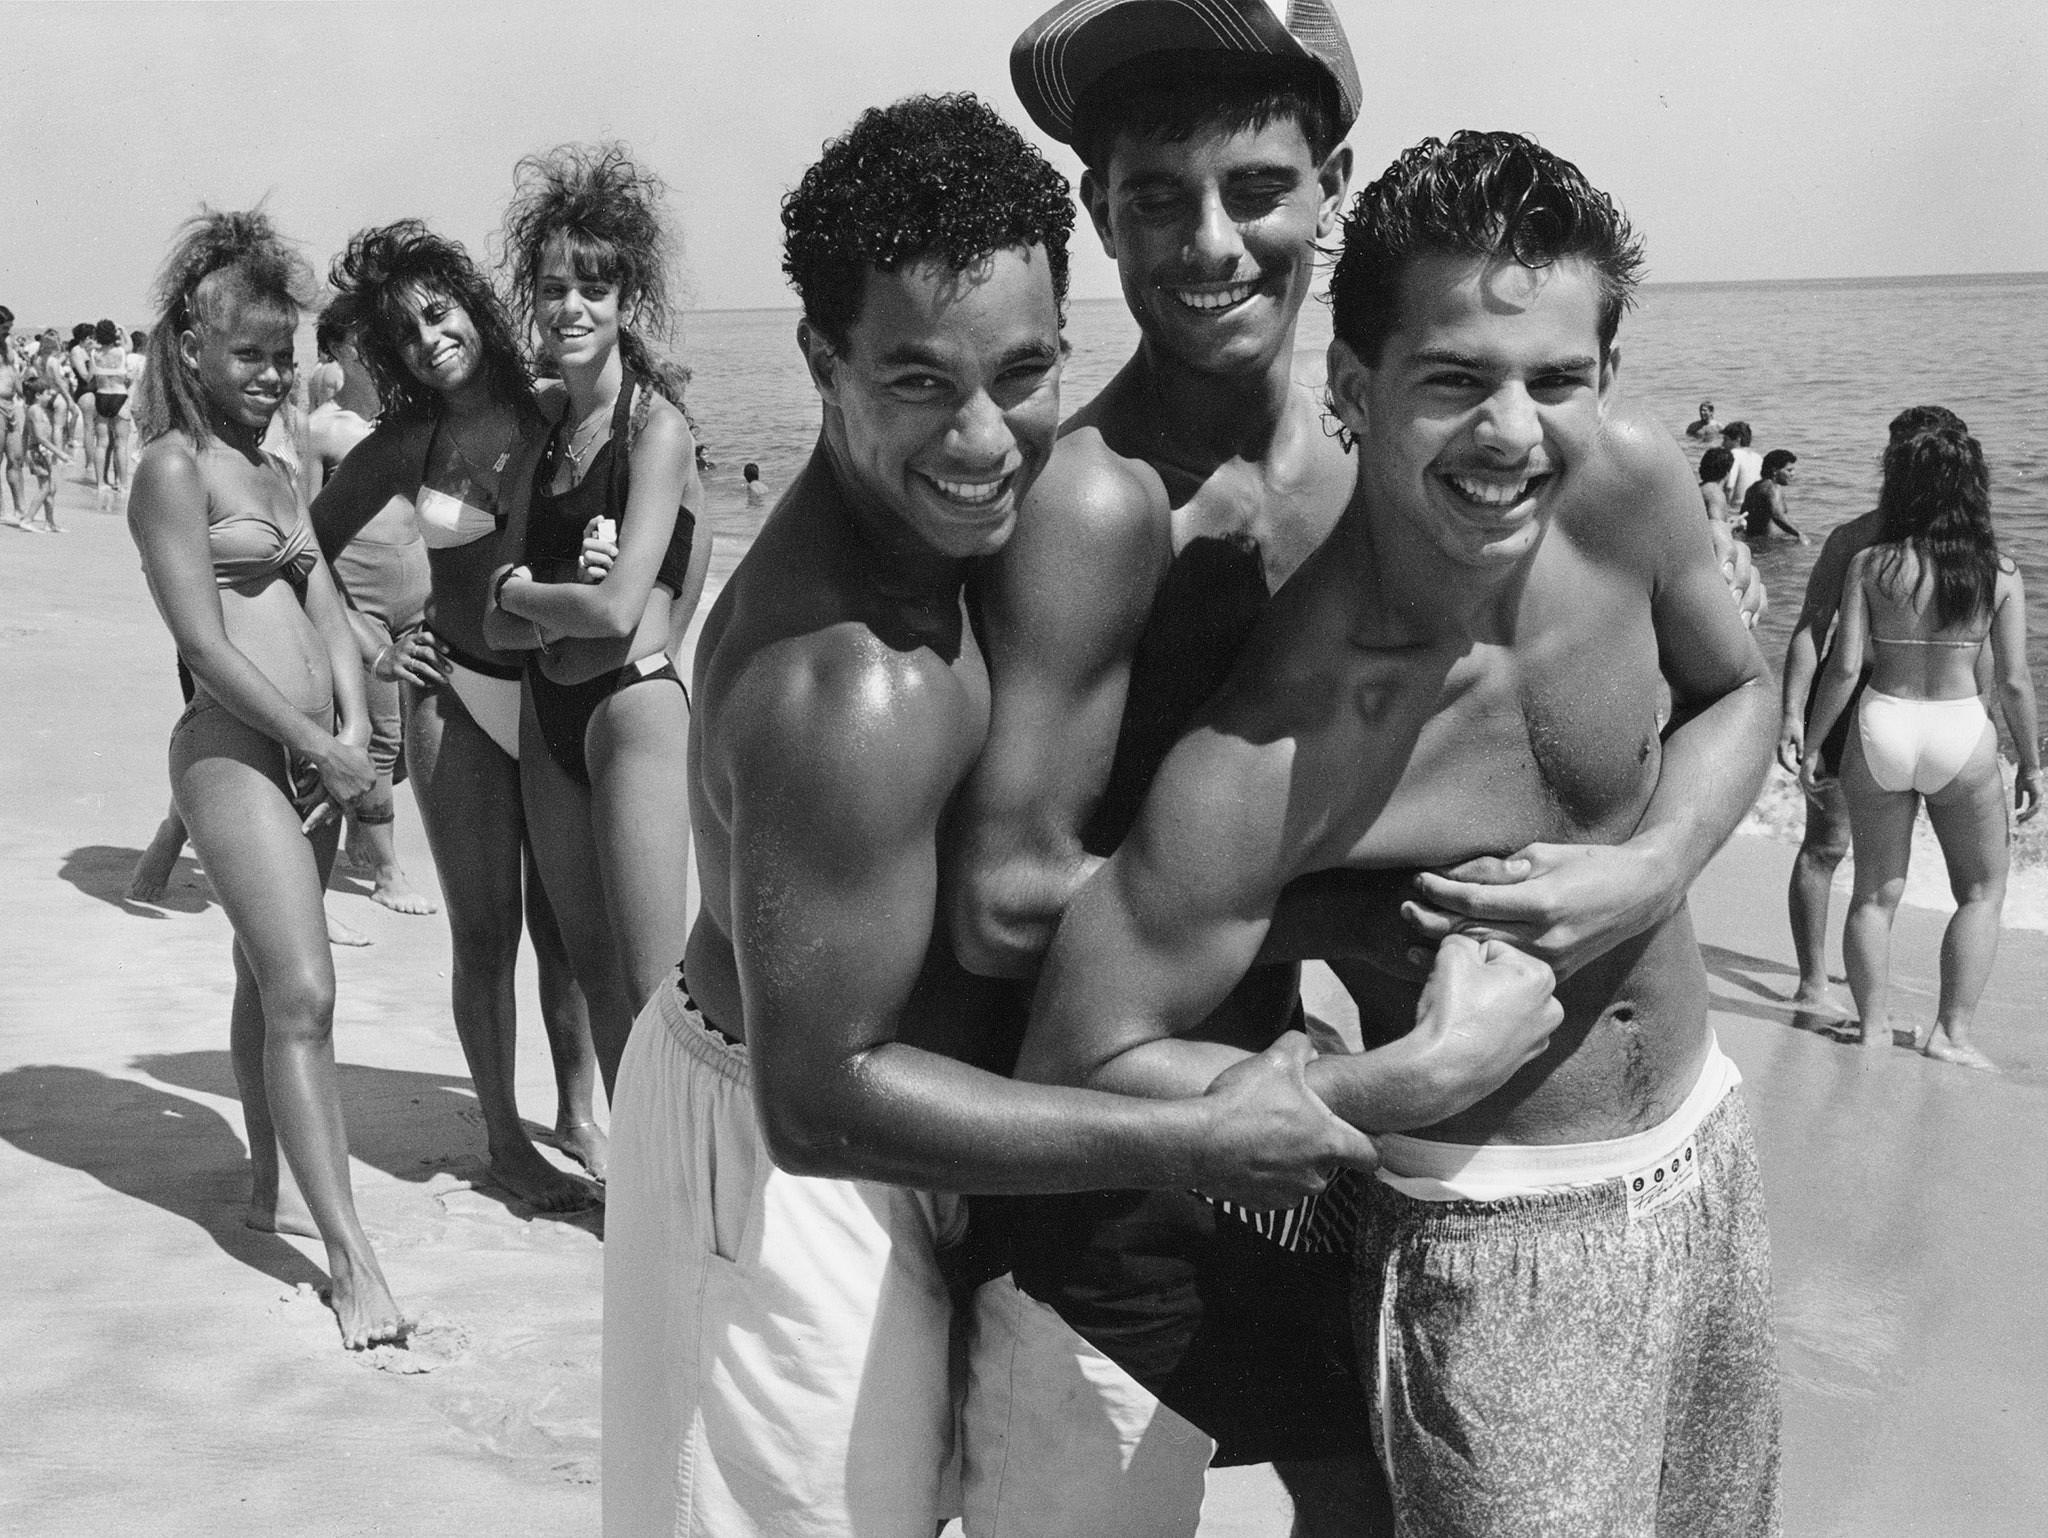 Свингеры 80 х, Любительский секс свингеров 80-х годов 16 фотография